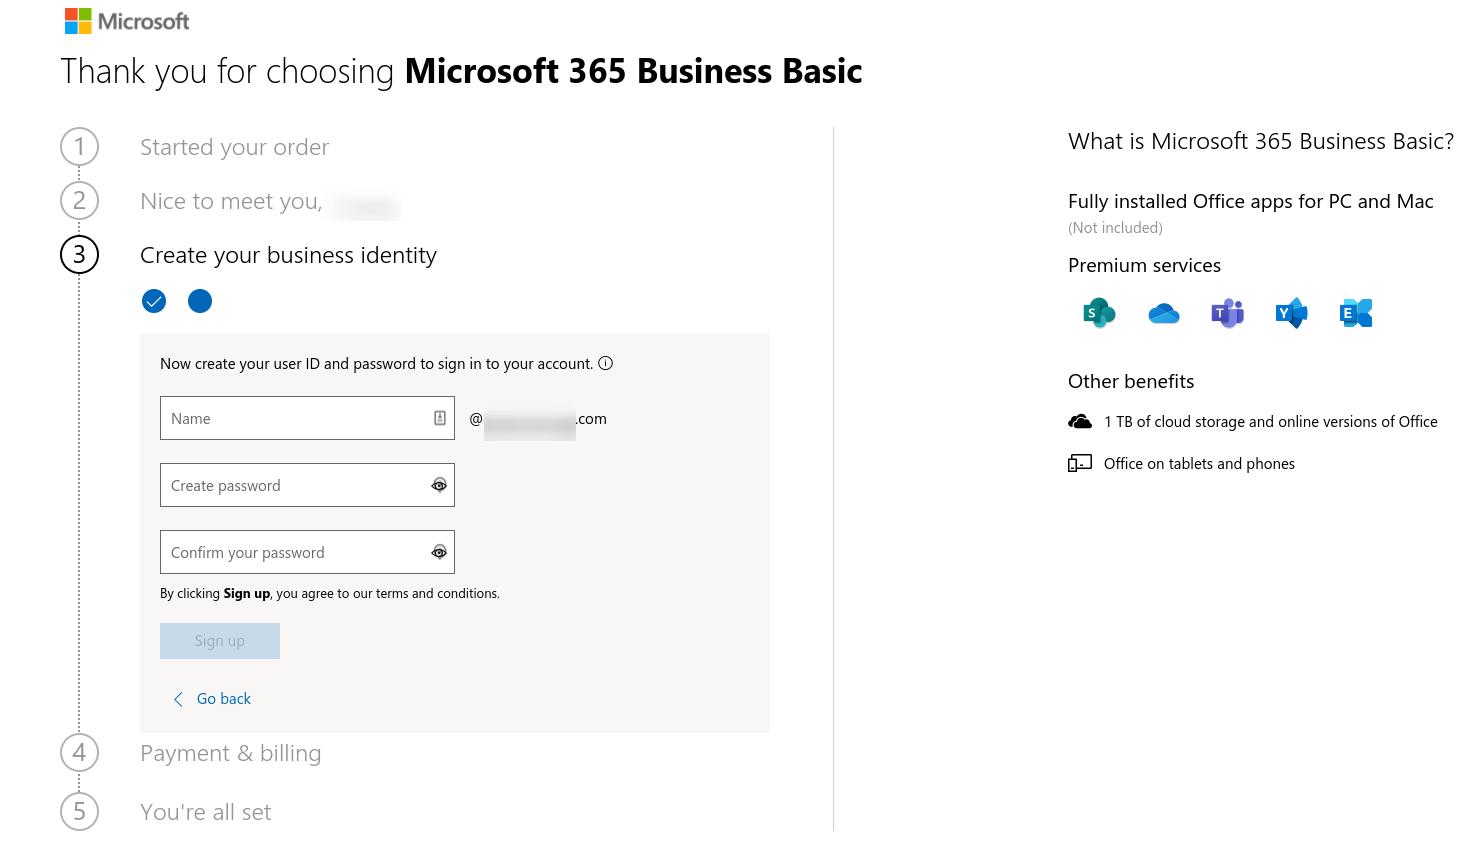 用于为Microsoft 365创建用户ID和密码的表单。